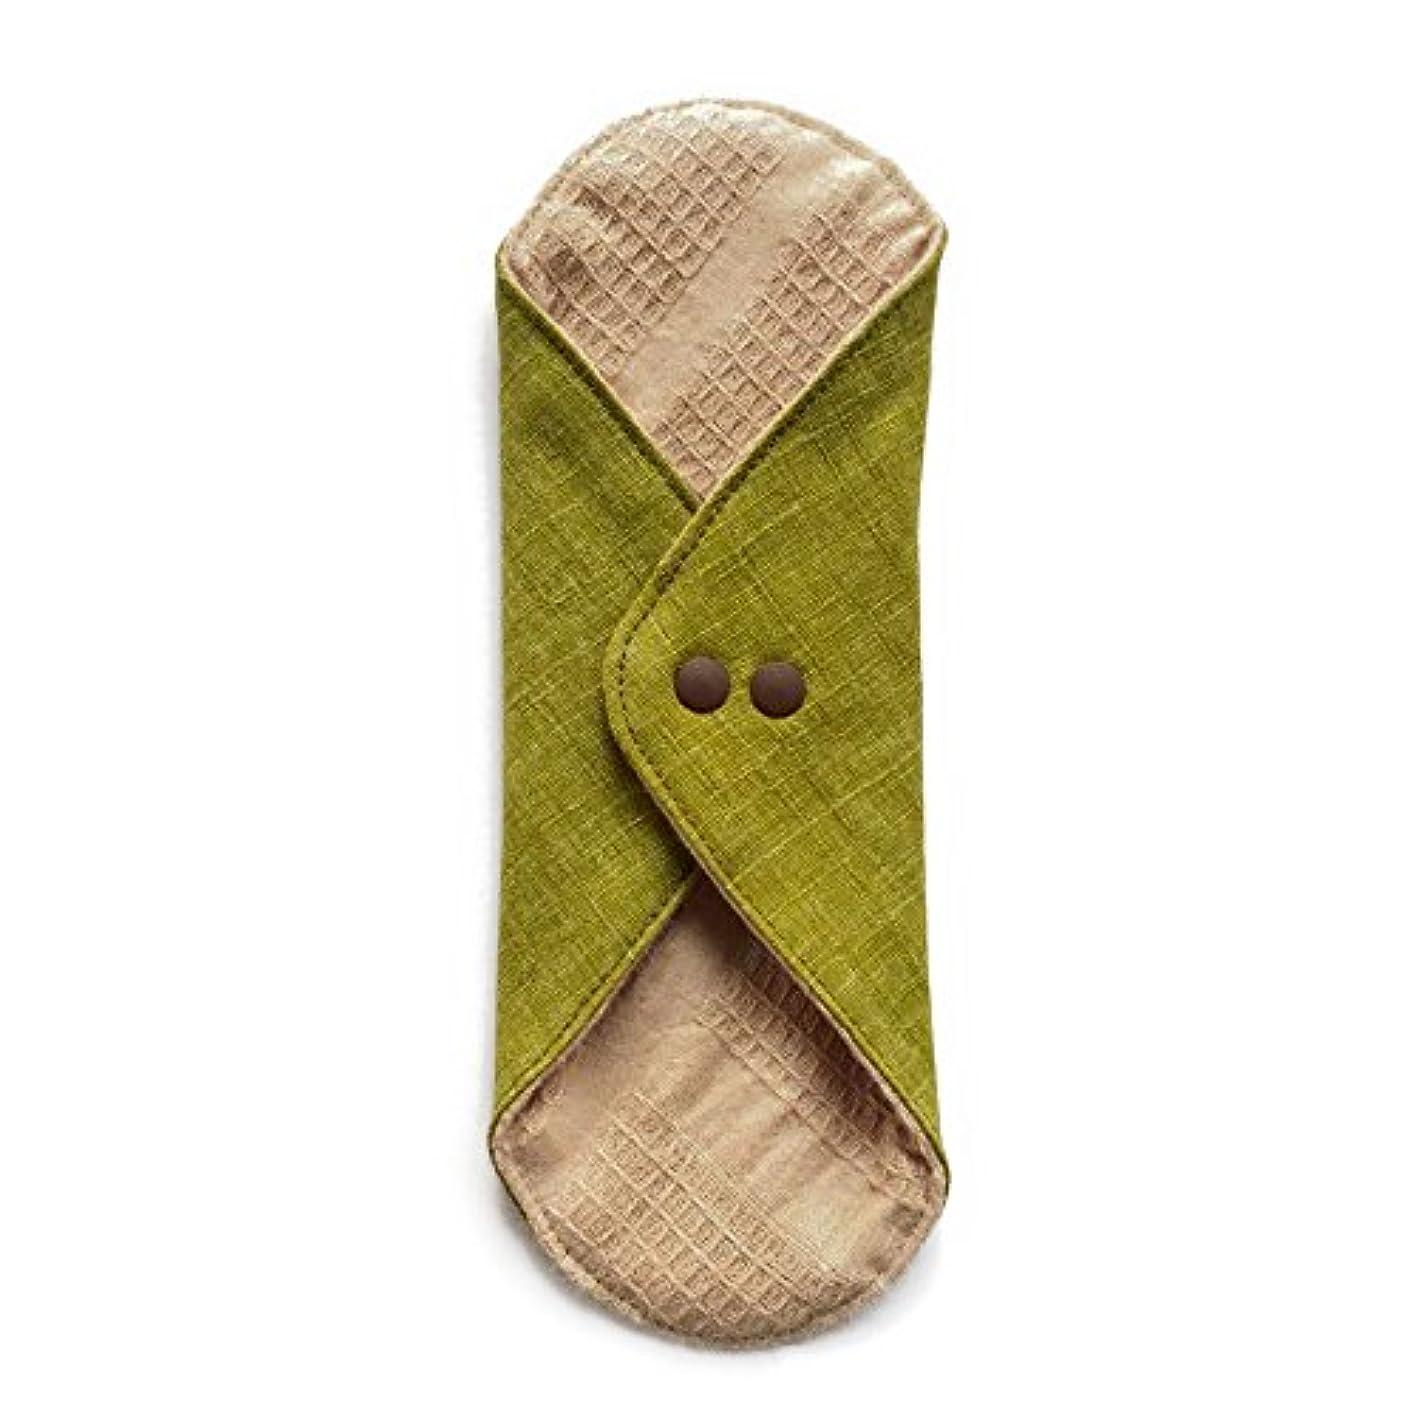 さわやかビルマバンドル華布のオーガニックコットンのあたため布 Lサイズ (約18×約20.5×約0.5cm) 彩り(抹茶)